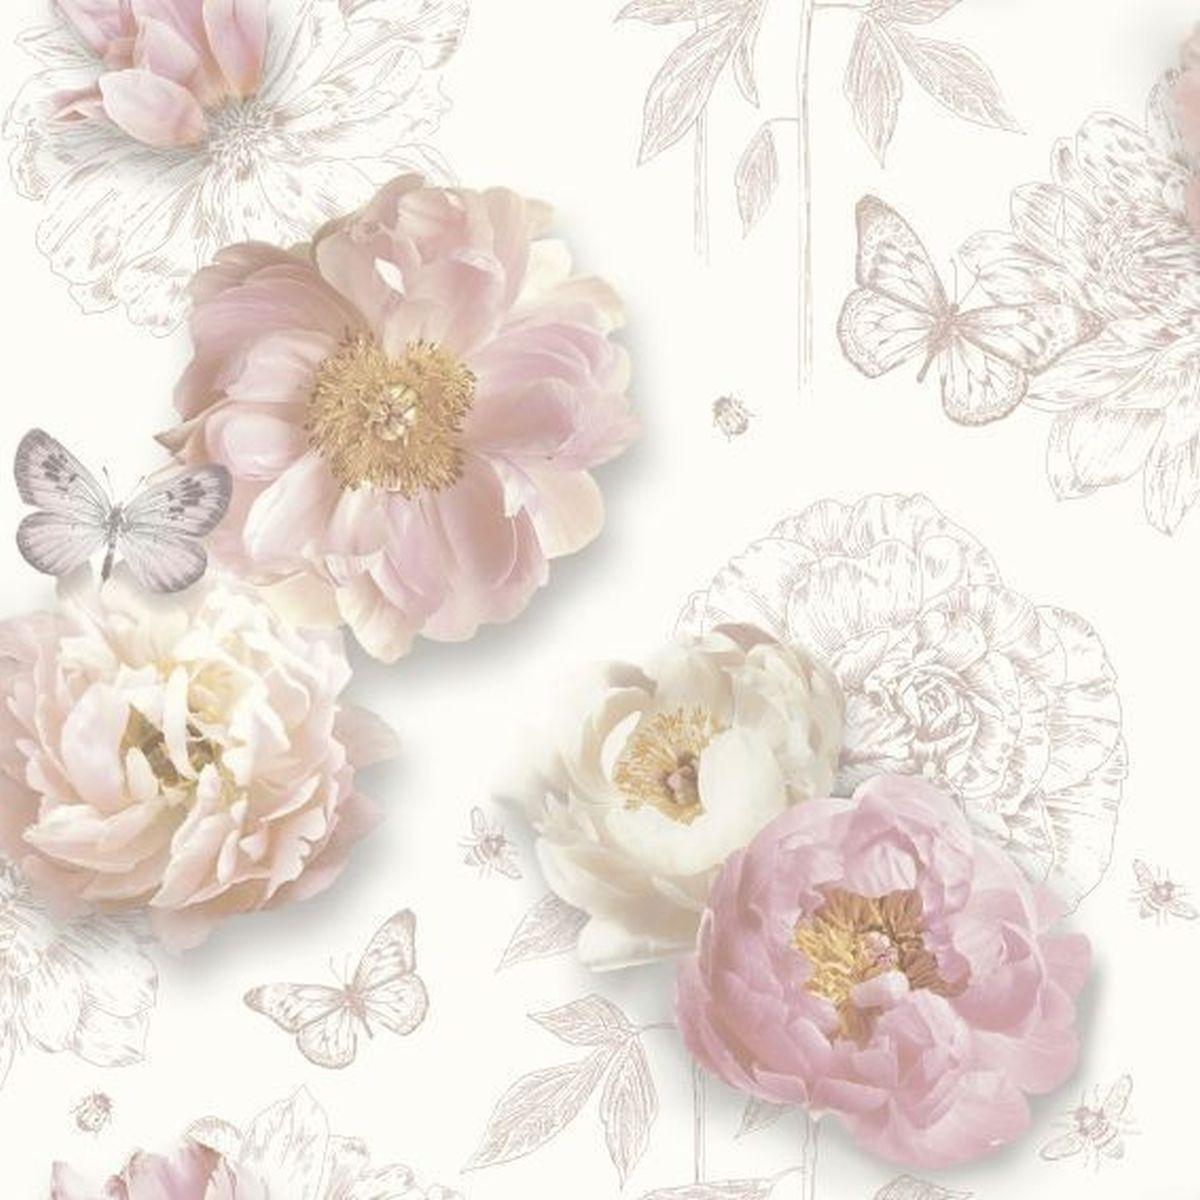 Best of Arthouse Vliestapete Erstklassige Tapete 259200 Rosa Blumentapete